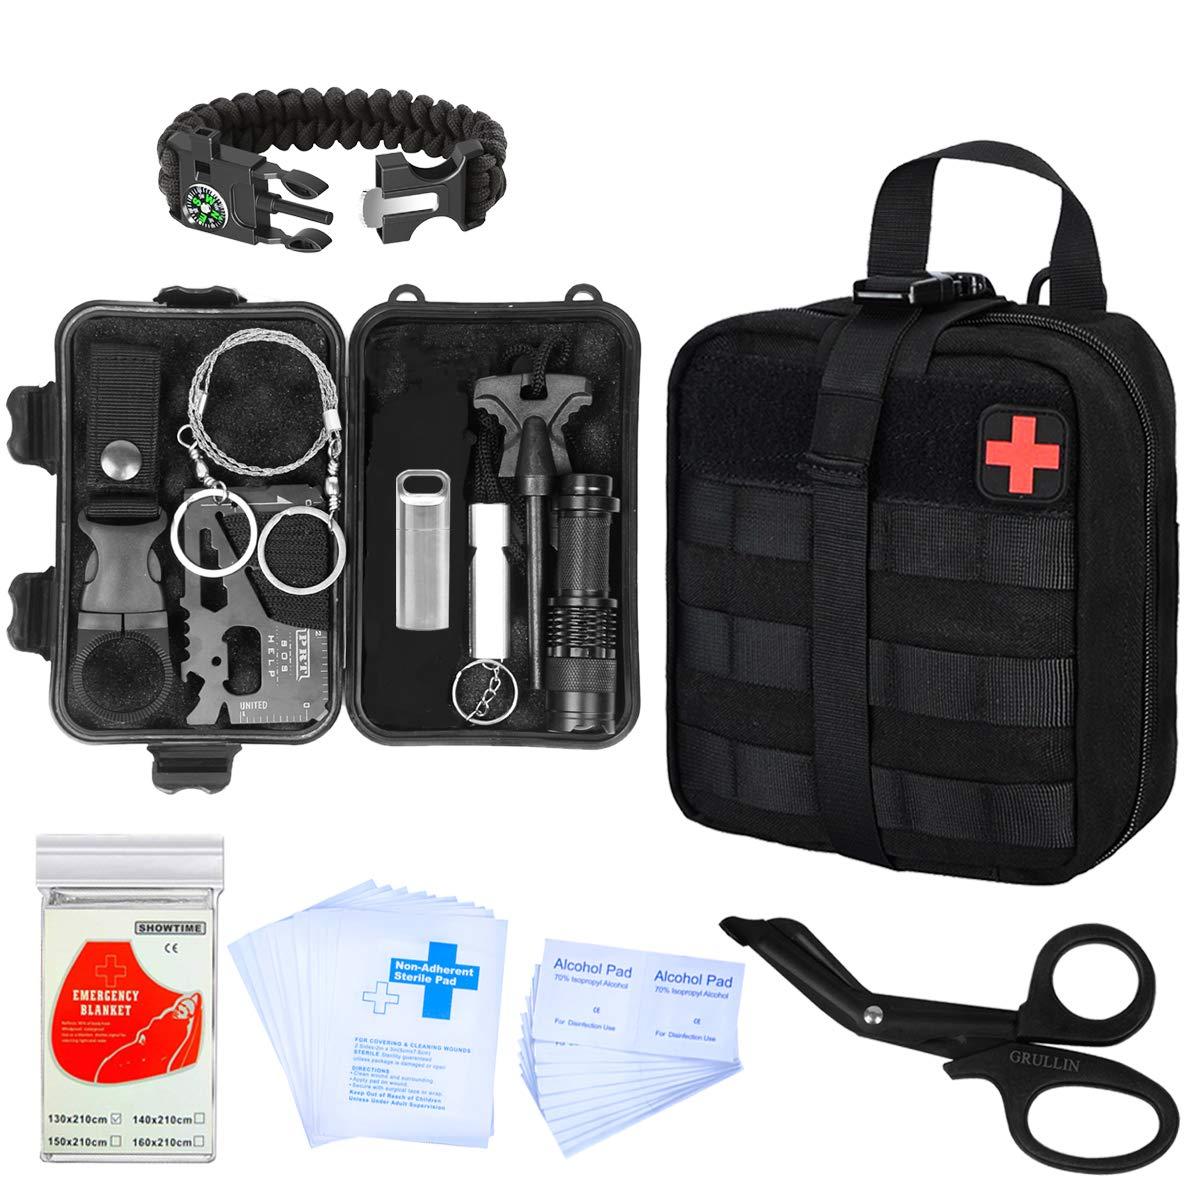 GRULLIN Kit de Supervivencia 44 en 1 Equipo de Supervivencia de Primeros Auxilios de Emergencia Kit de Herramientas de Bolsa IFAK, Oficina en el hogar Coche Senderismo Caza Camping Aventura: Amazon.es: Deportes